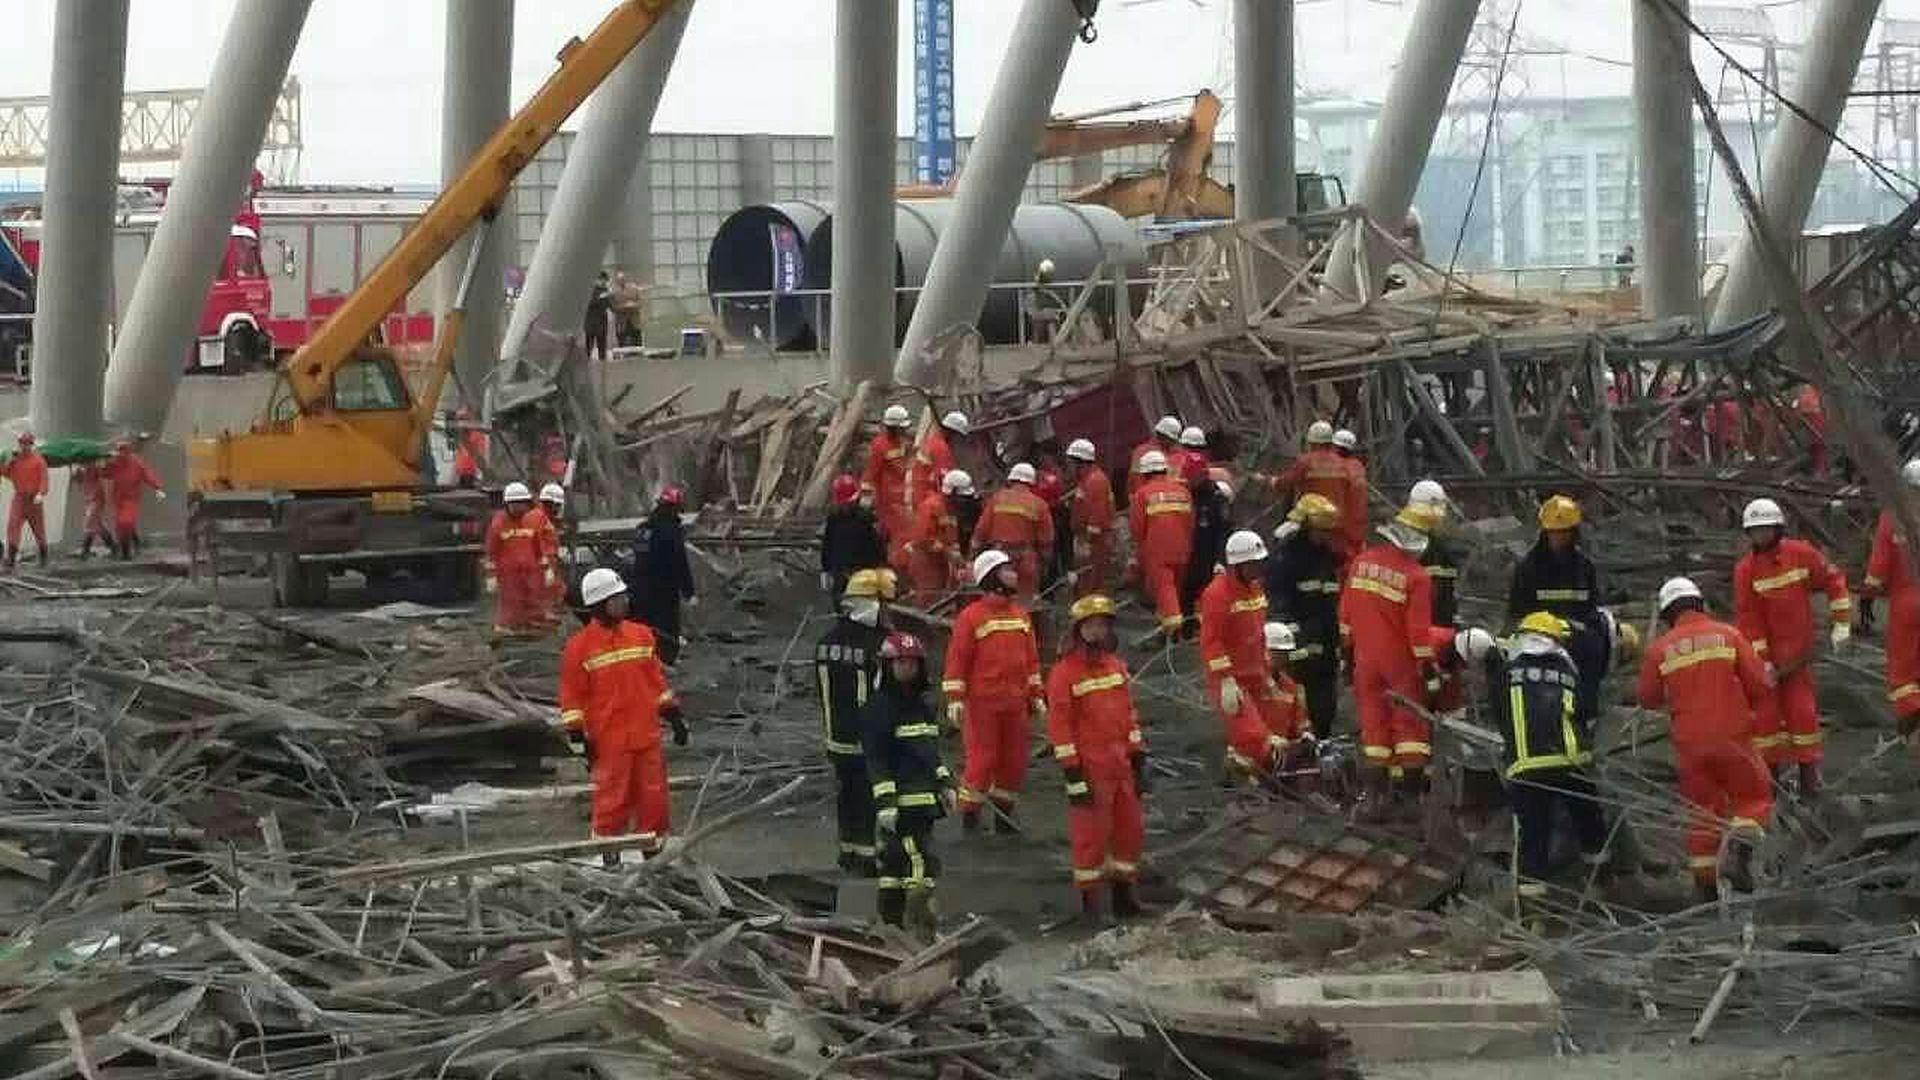 URUŠILA SE PLATFORMA: Na gradilištu u Kini poginulo 67 ljudi